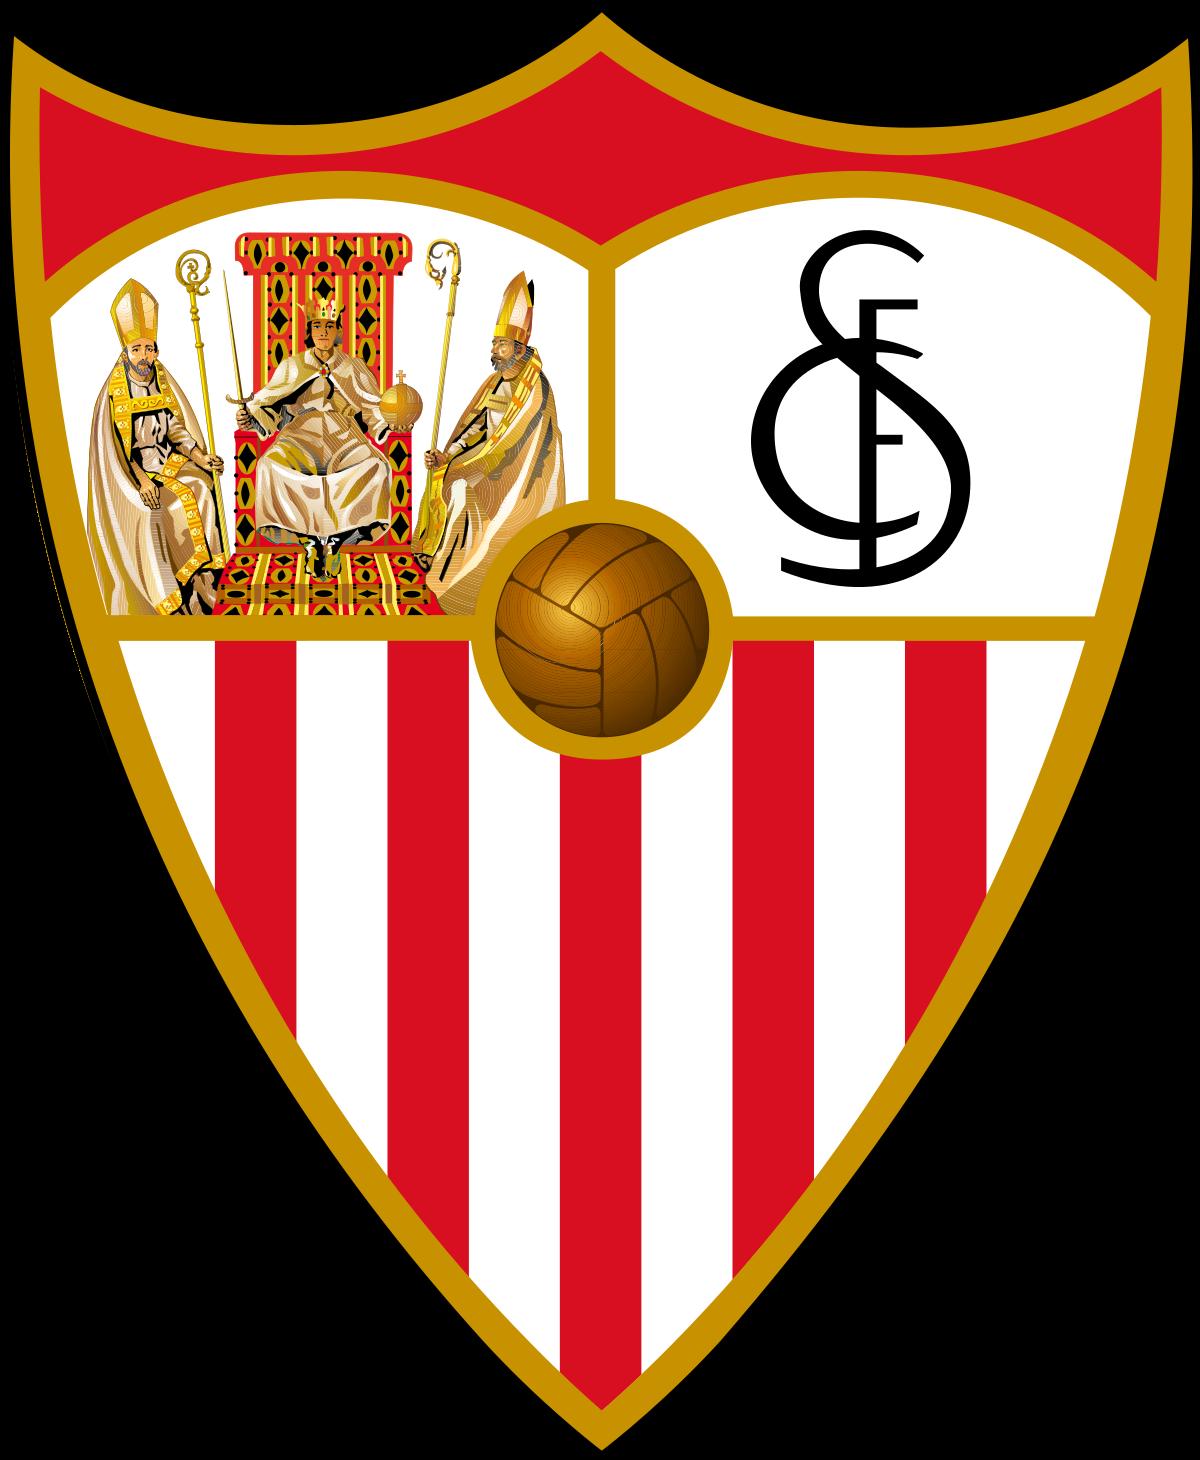 Sevilla_FC_logo